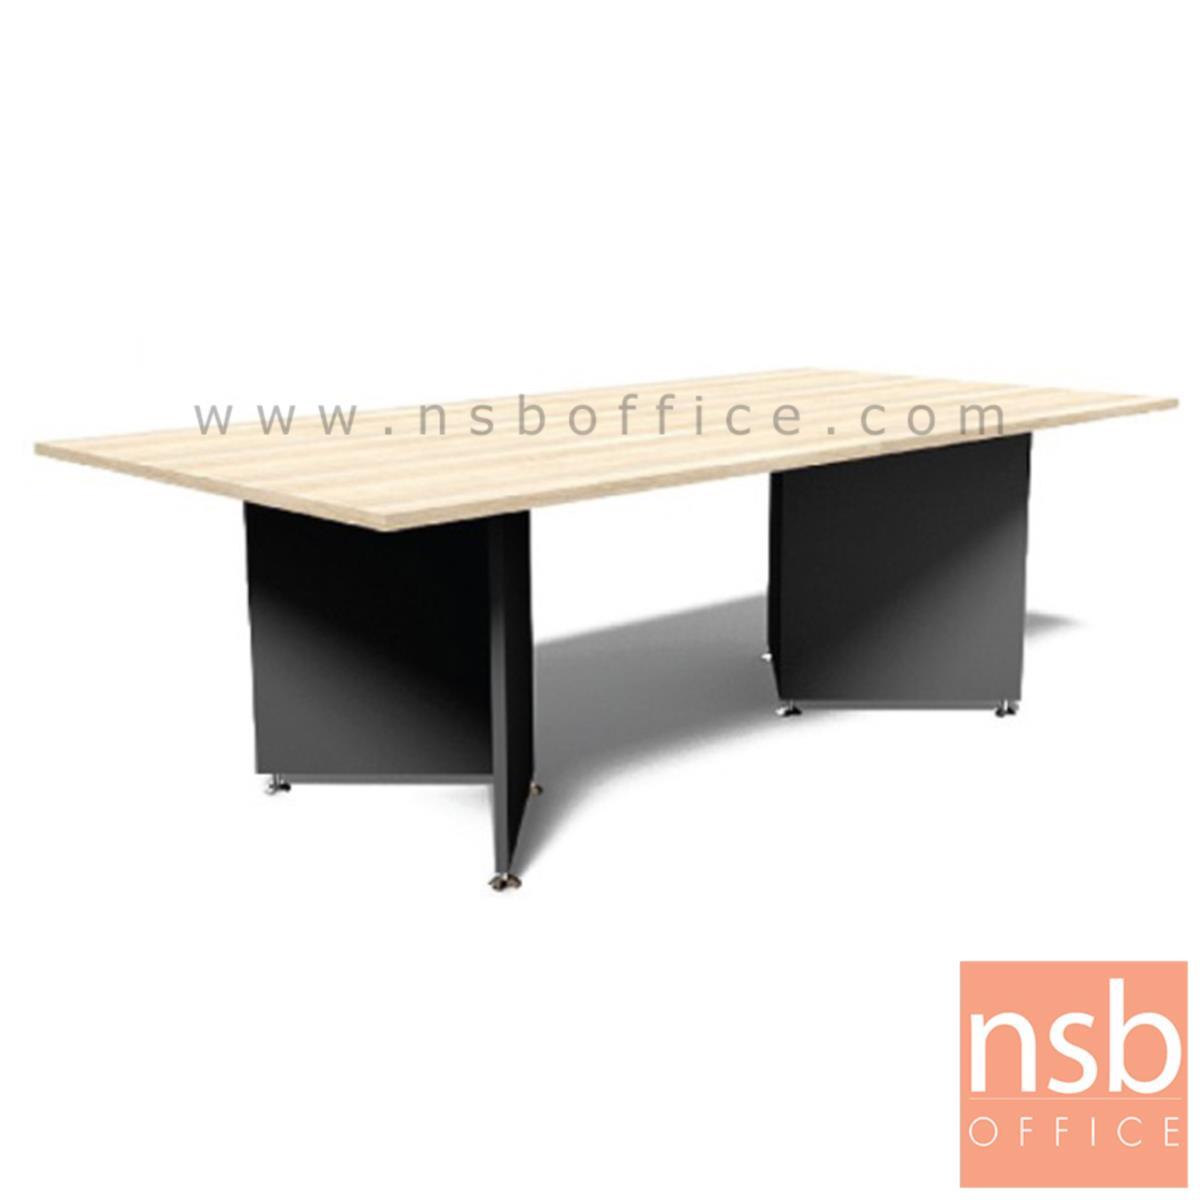 A05A180:โต๊ะประชุมทรงสี่เหลี่ยม  รุ่น Severus ขนาด 240W cm. เมลามีน